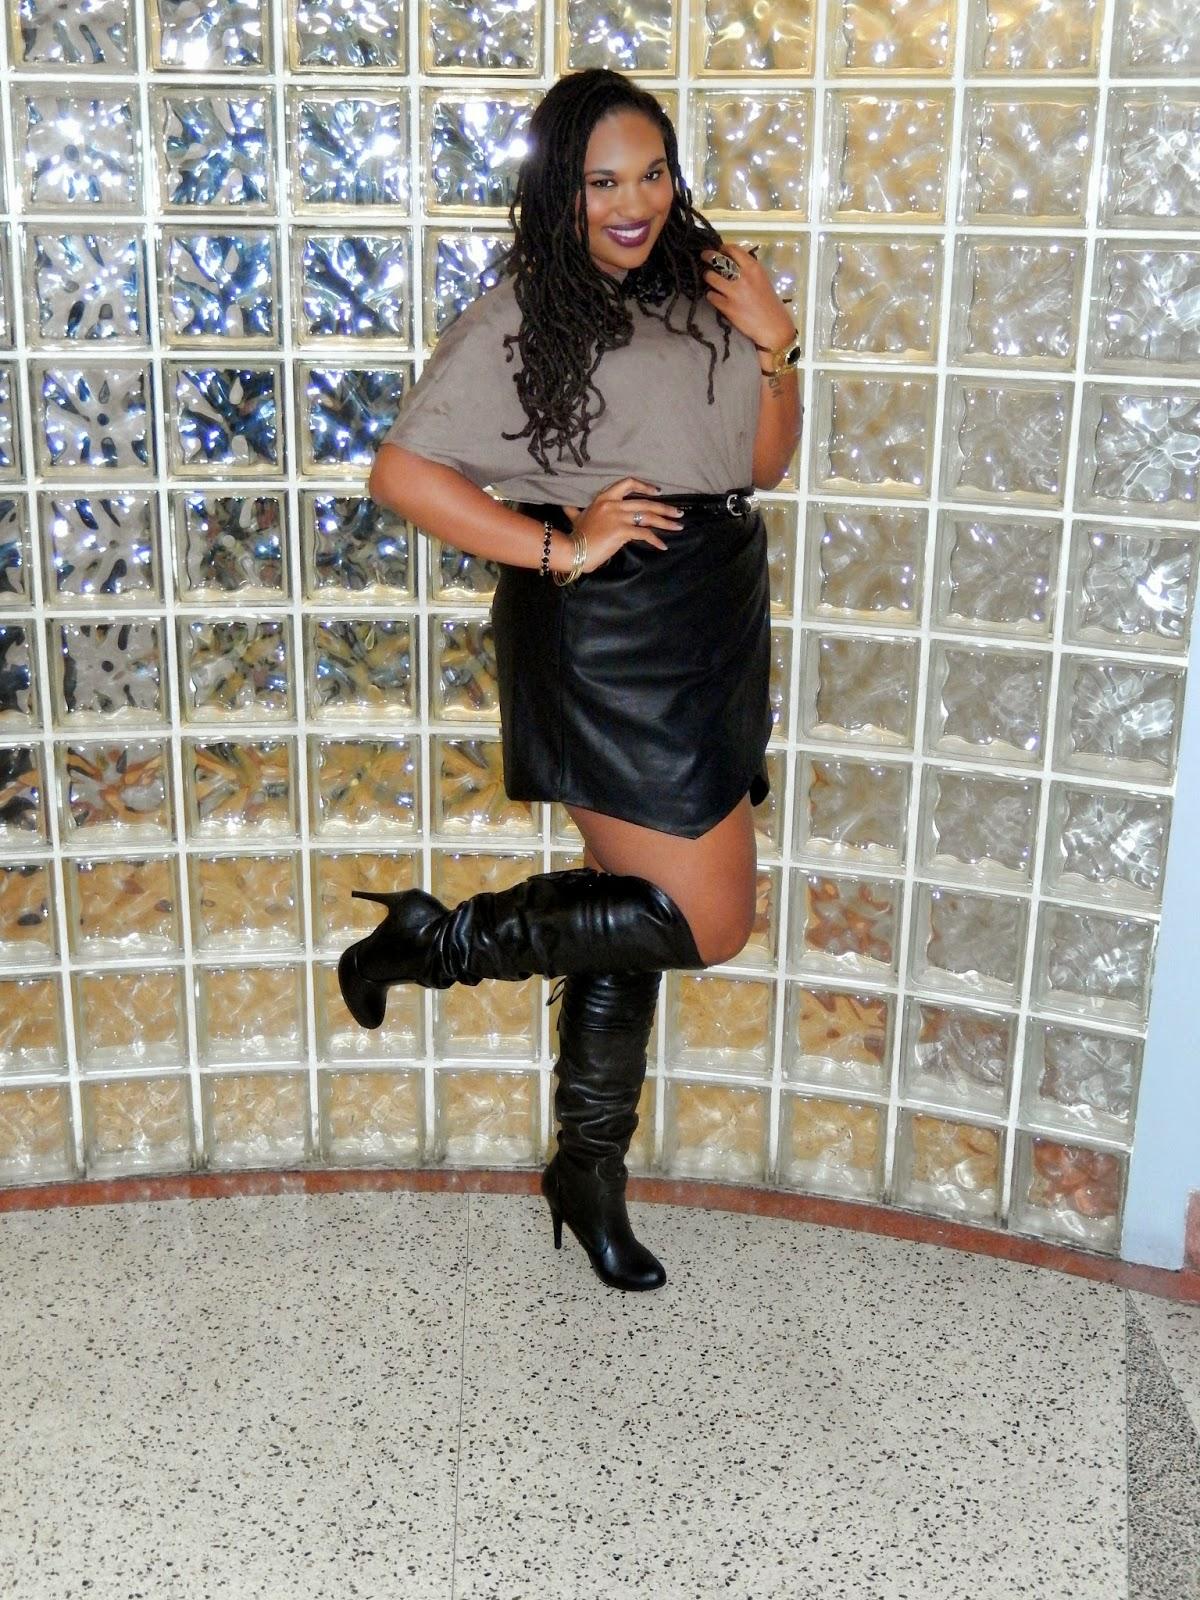 b370b11626eec A-Line Skirt   Thigh Highs - A Thick Girl s Closet